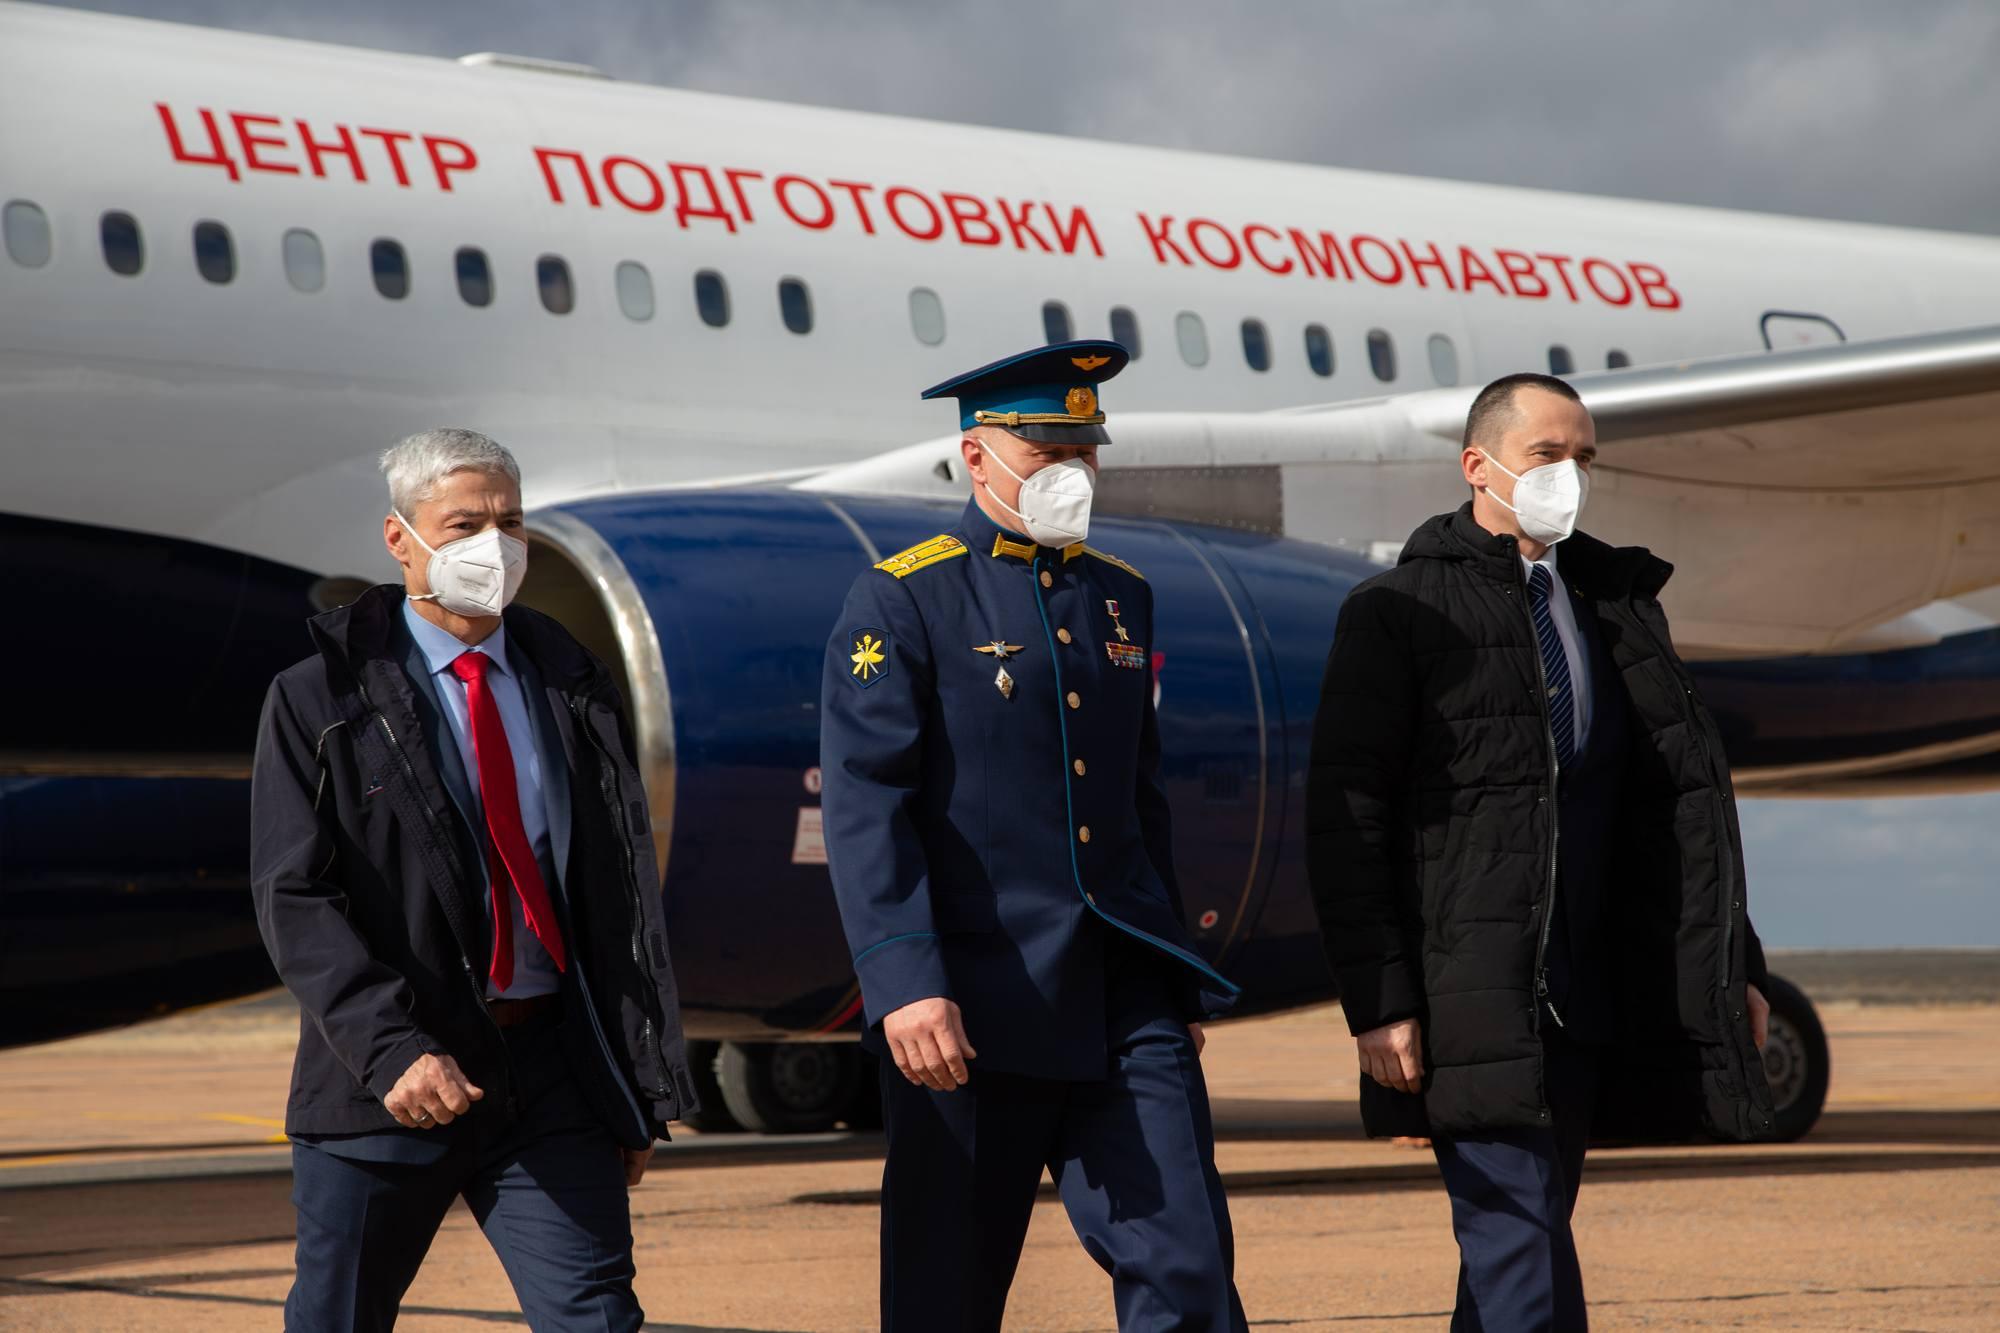 L'équipage principal de Soyouz MS-18 descend d'avion pour être accueilli par les responsables du vol.